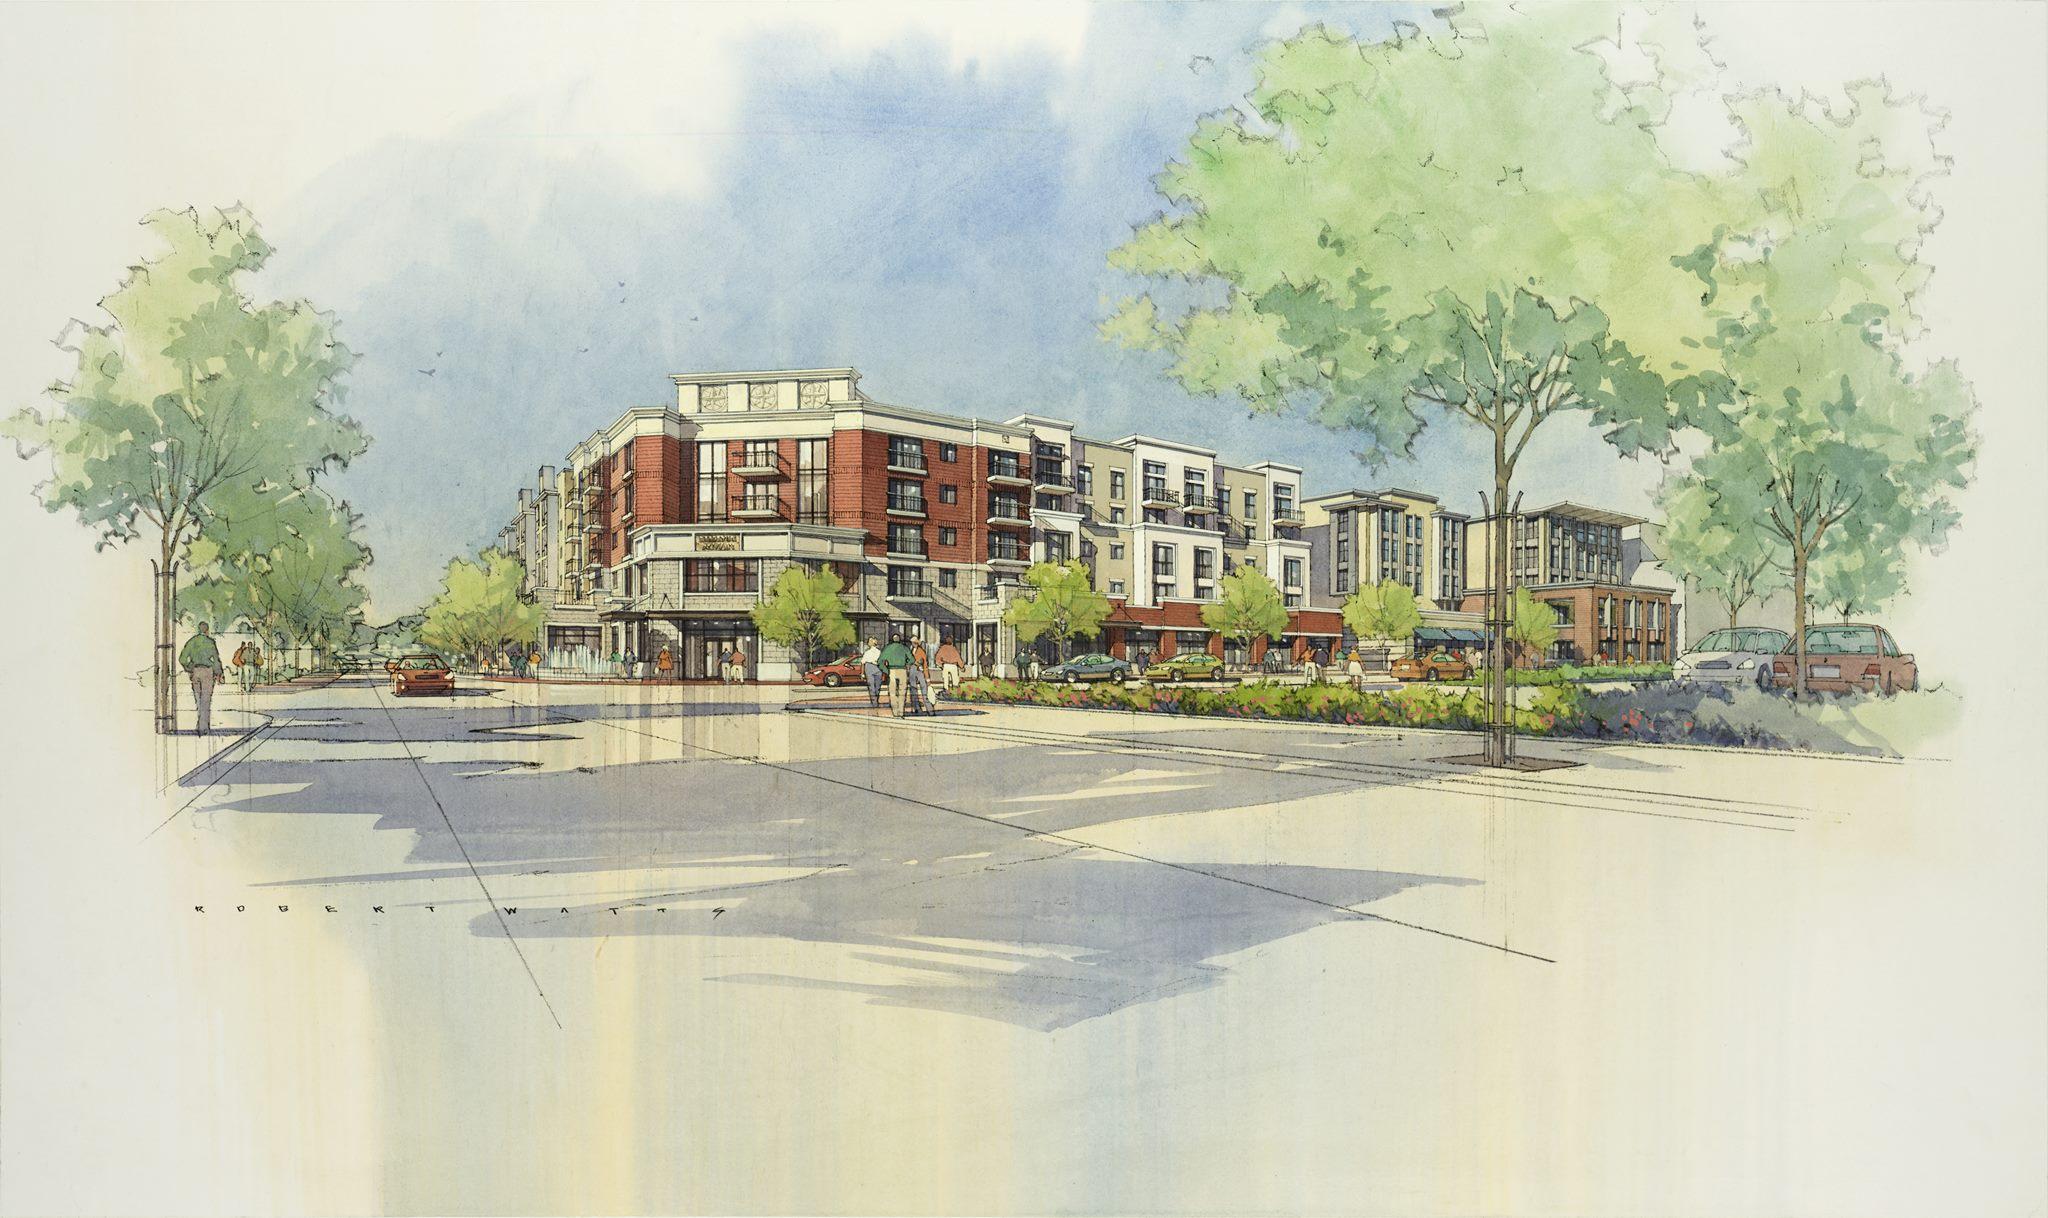 The Meyden Bellevue Rendering